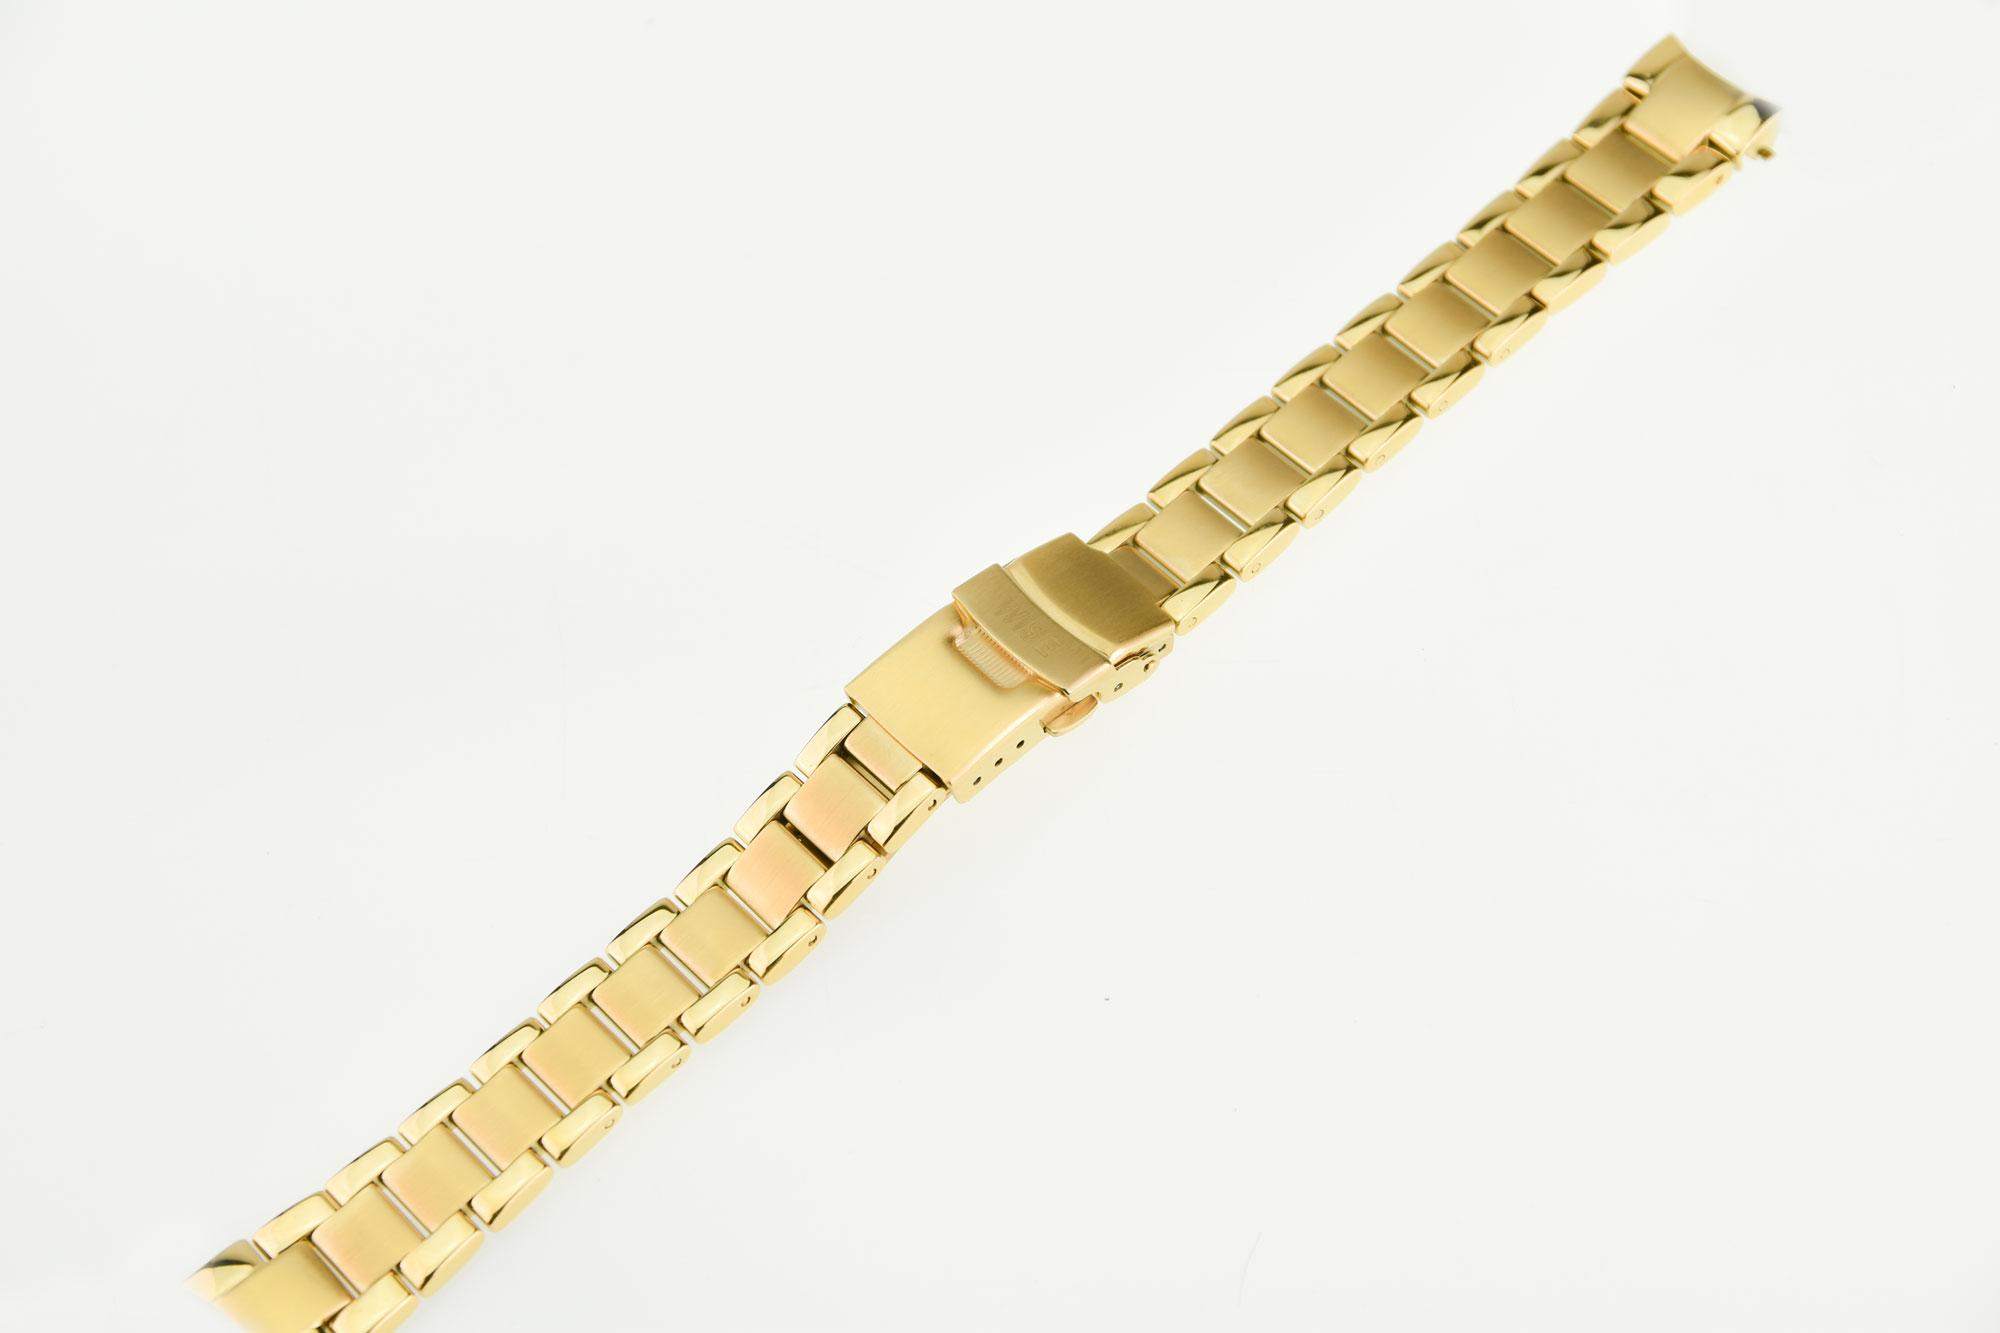 สายสแตนเลสสีทอง ขนาดรุ่น 32 mm.